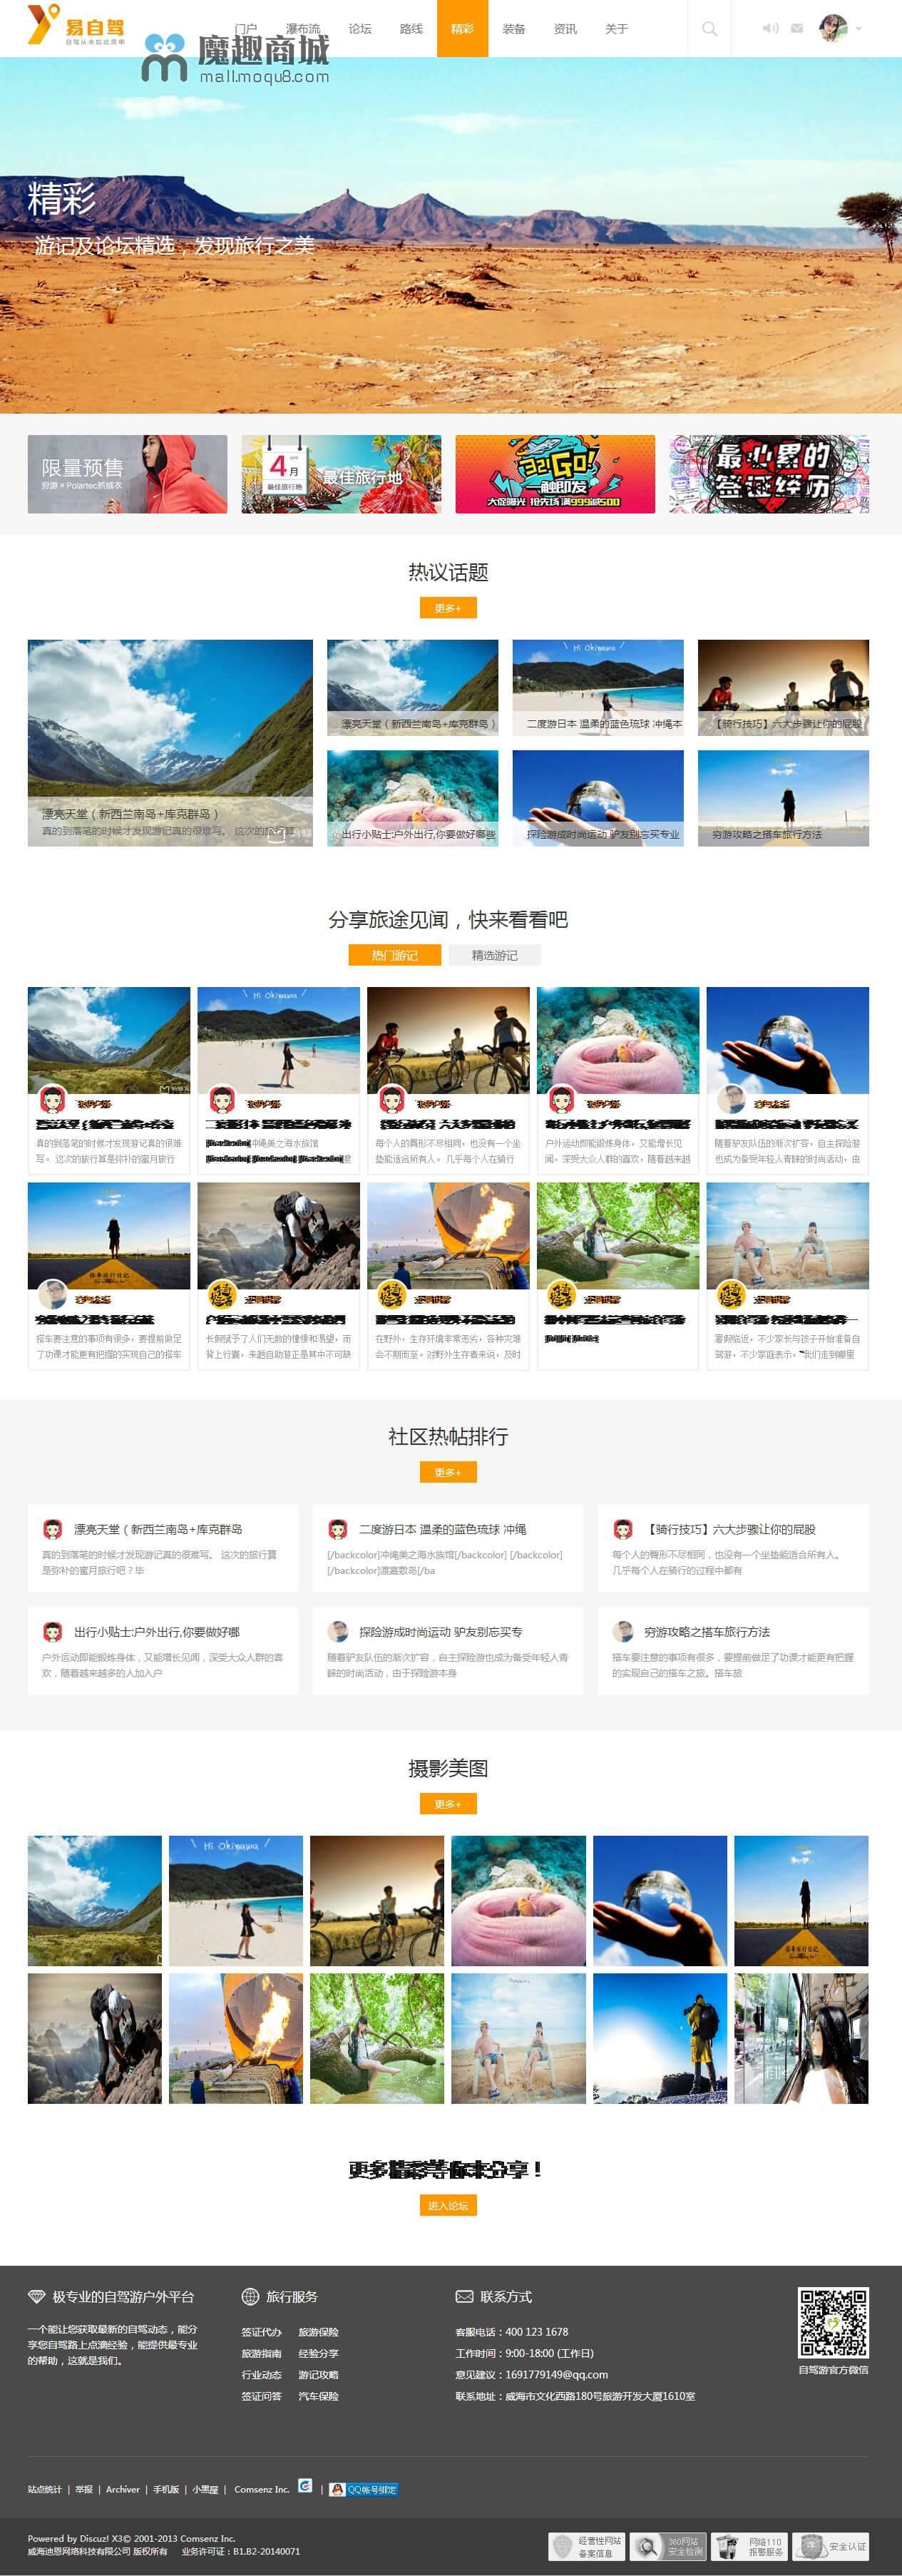 开车去西藏/旅游风格展示模板GBK+UTF8